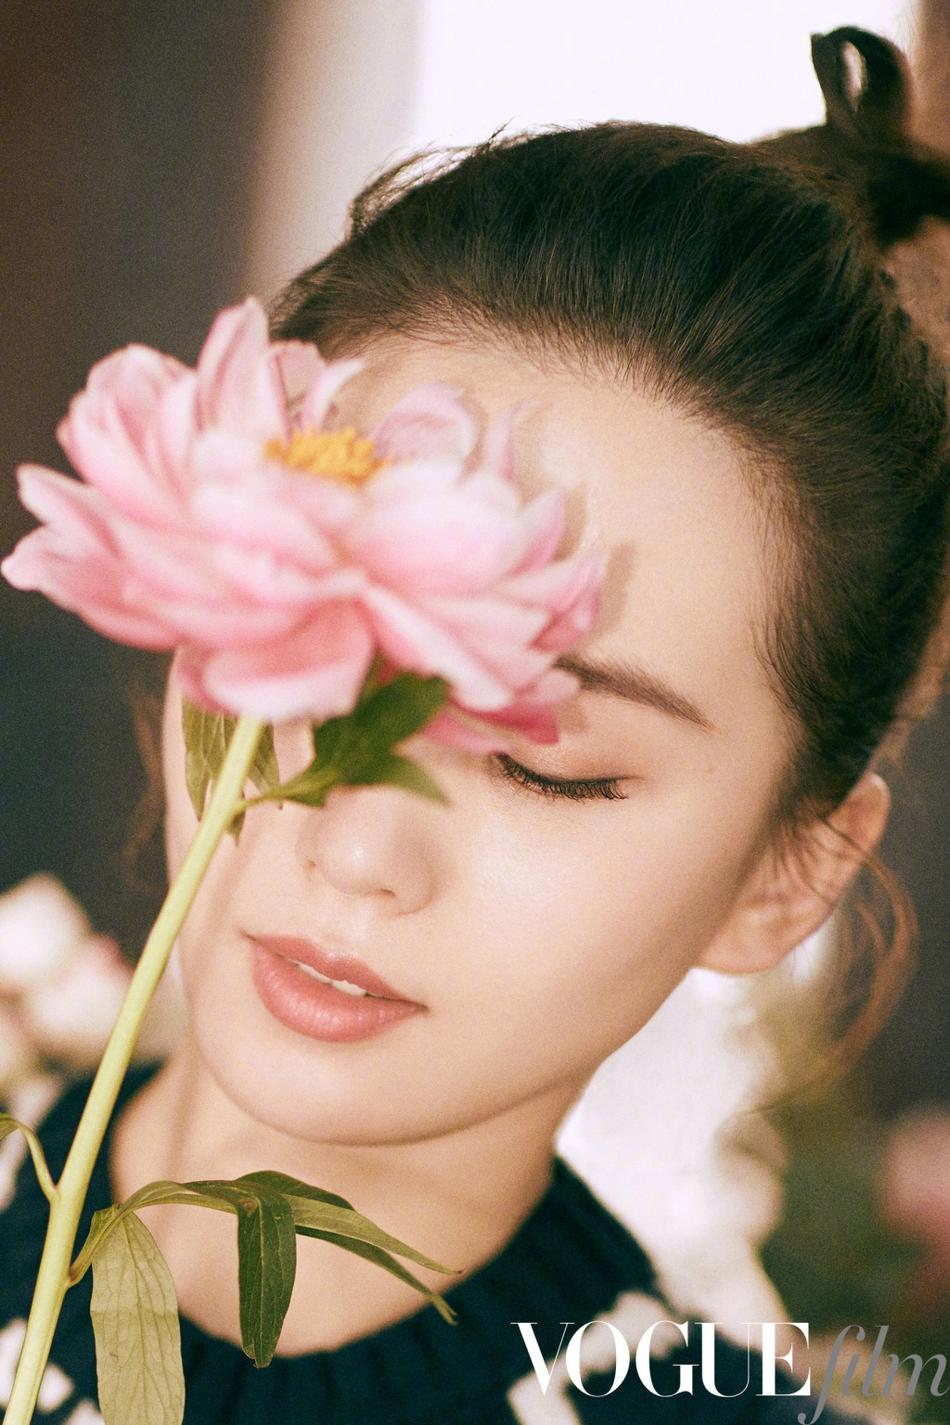 人比花娇!刘诗诗拍时尚大片与花斗艳书本遮面气质温婉